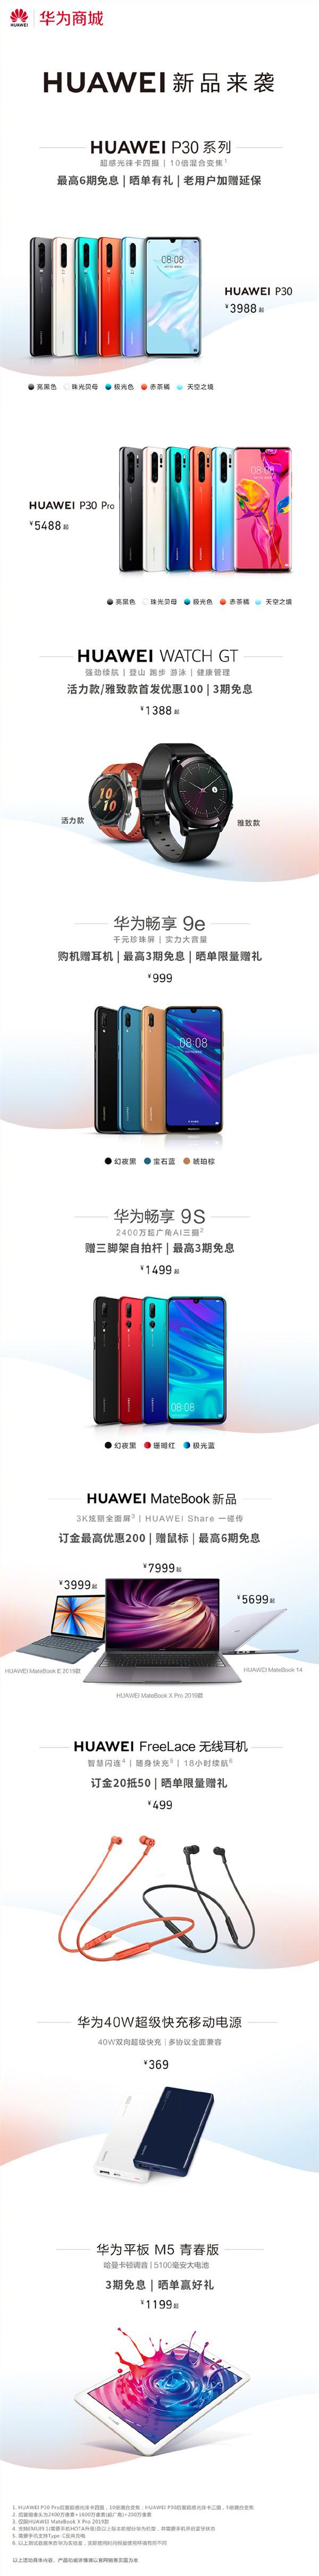 华为P30发布会新品汇总 8款新品最低369元即可入手